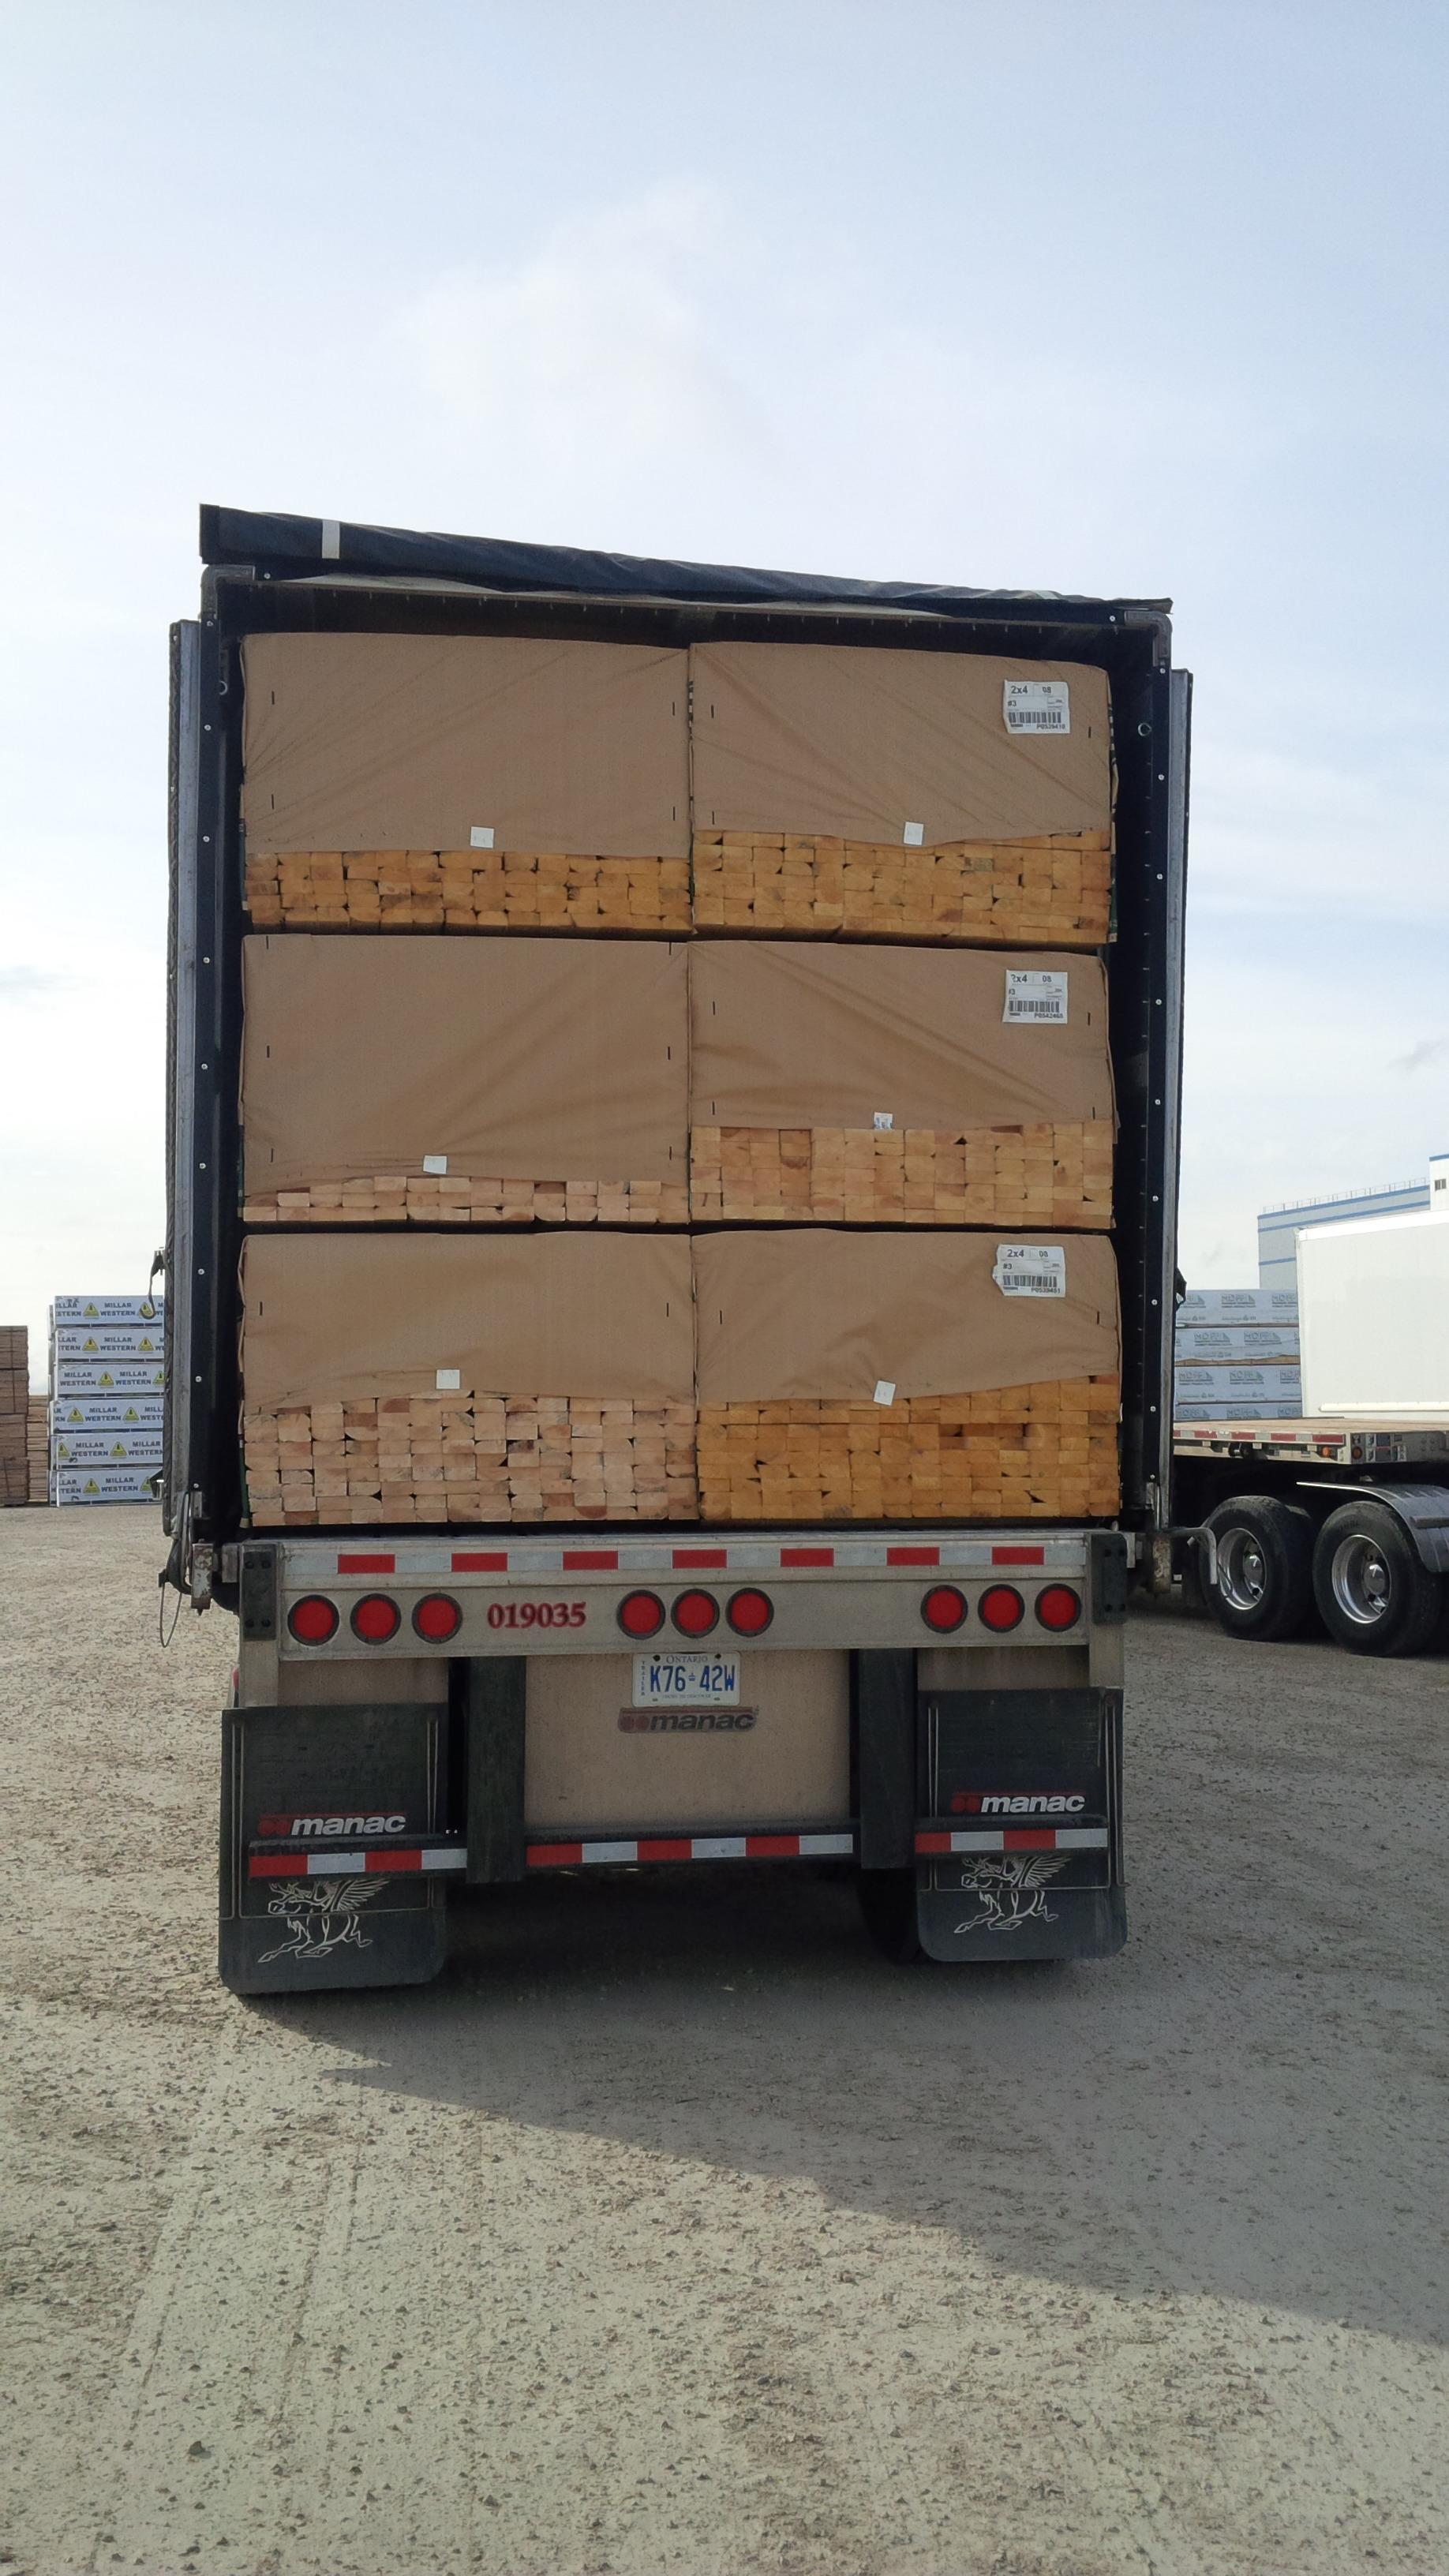 3x2 lumber bundles stacked.